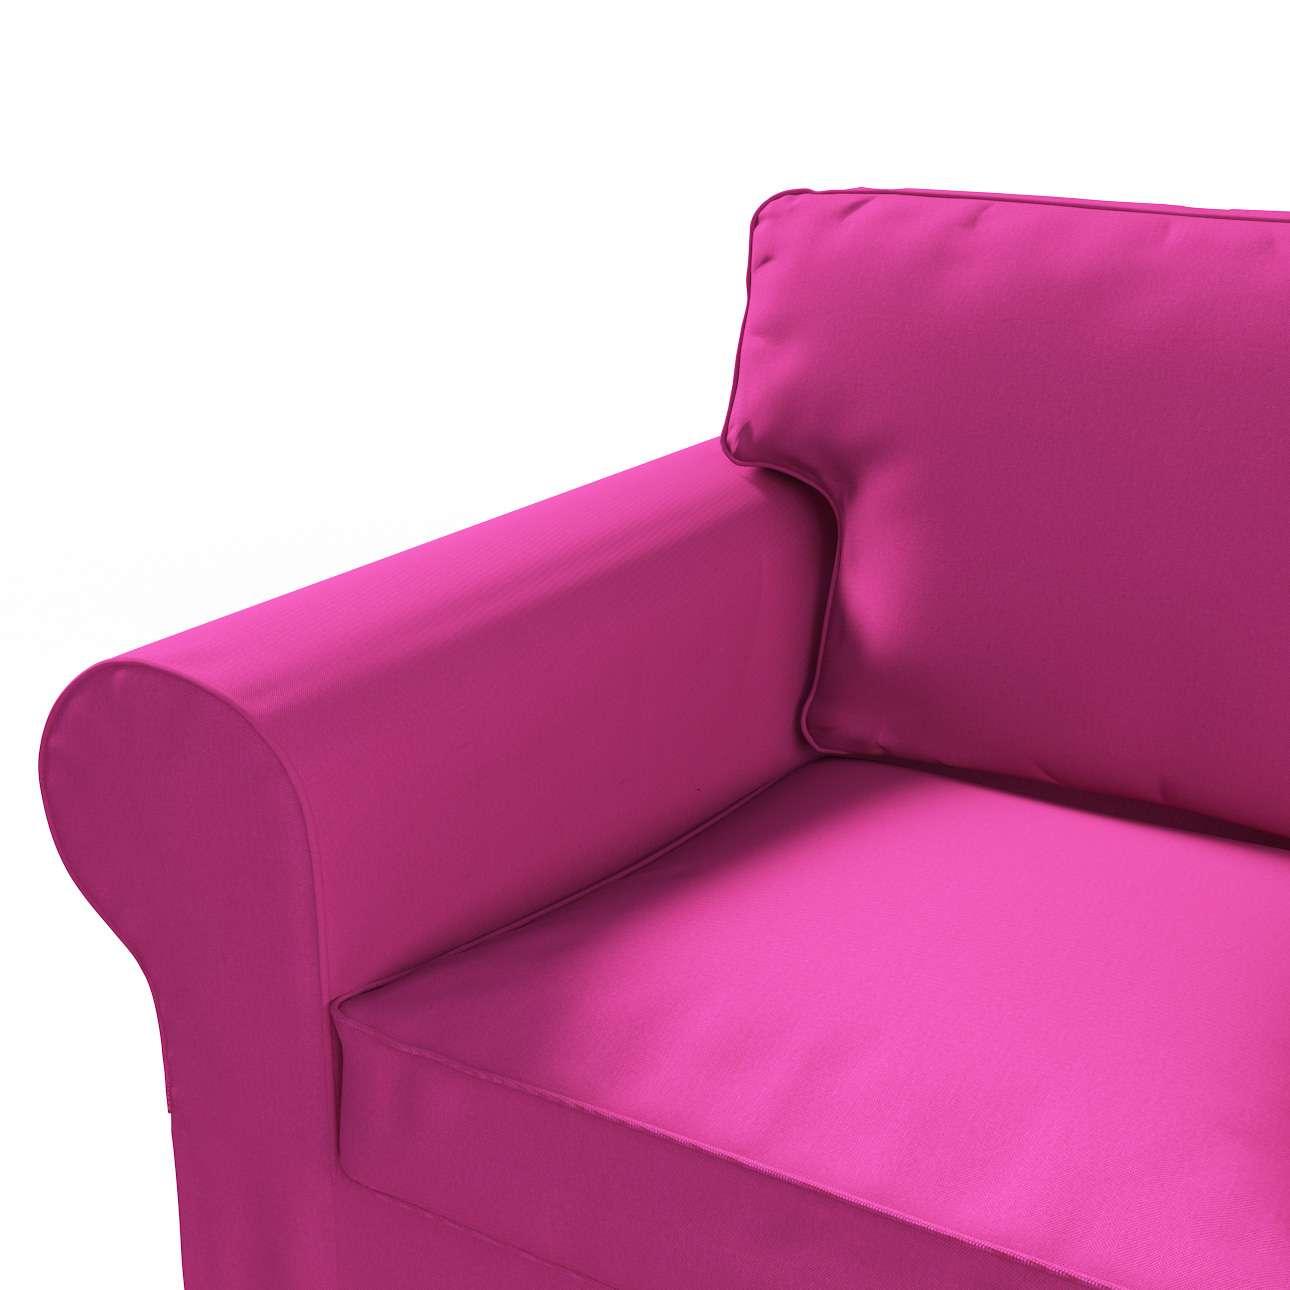 Pokrowiec na sofę Ektorp 2-osobową rozkładana NOWY MODEL 2012 w kolekcji Etna , tkanina: 705-23